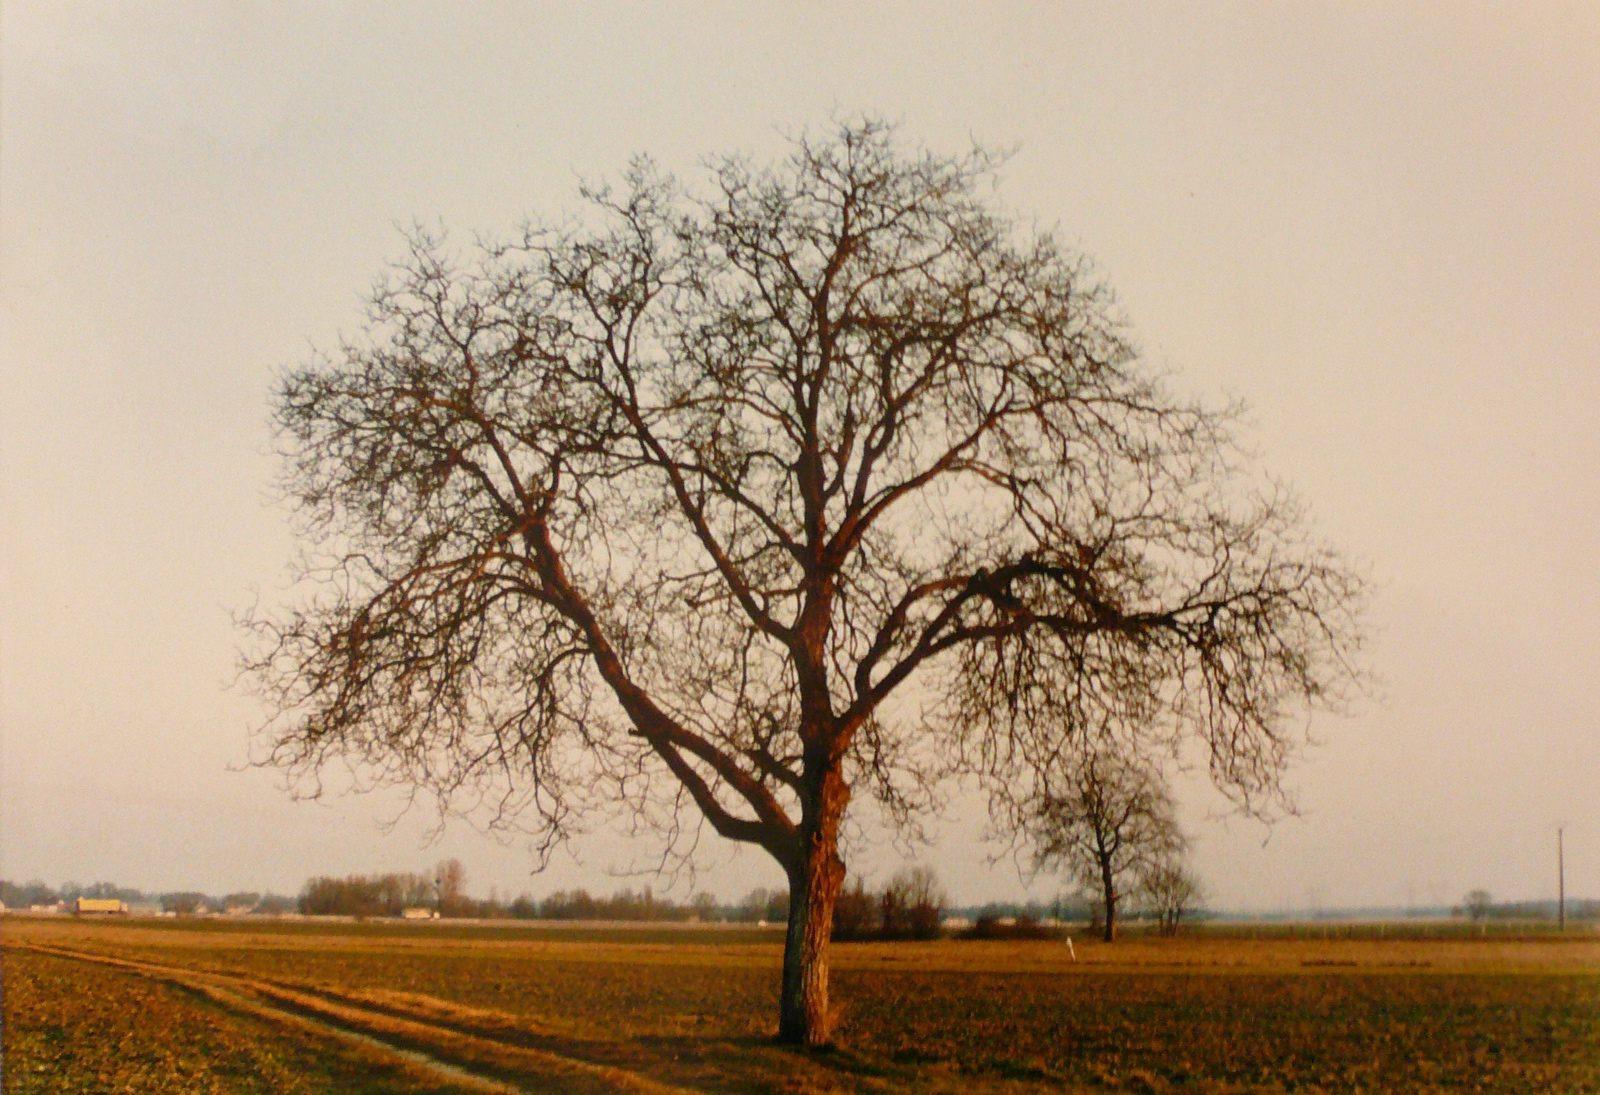 Un arbre dans la plaine_0